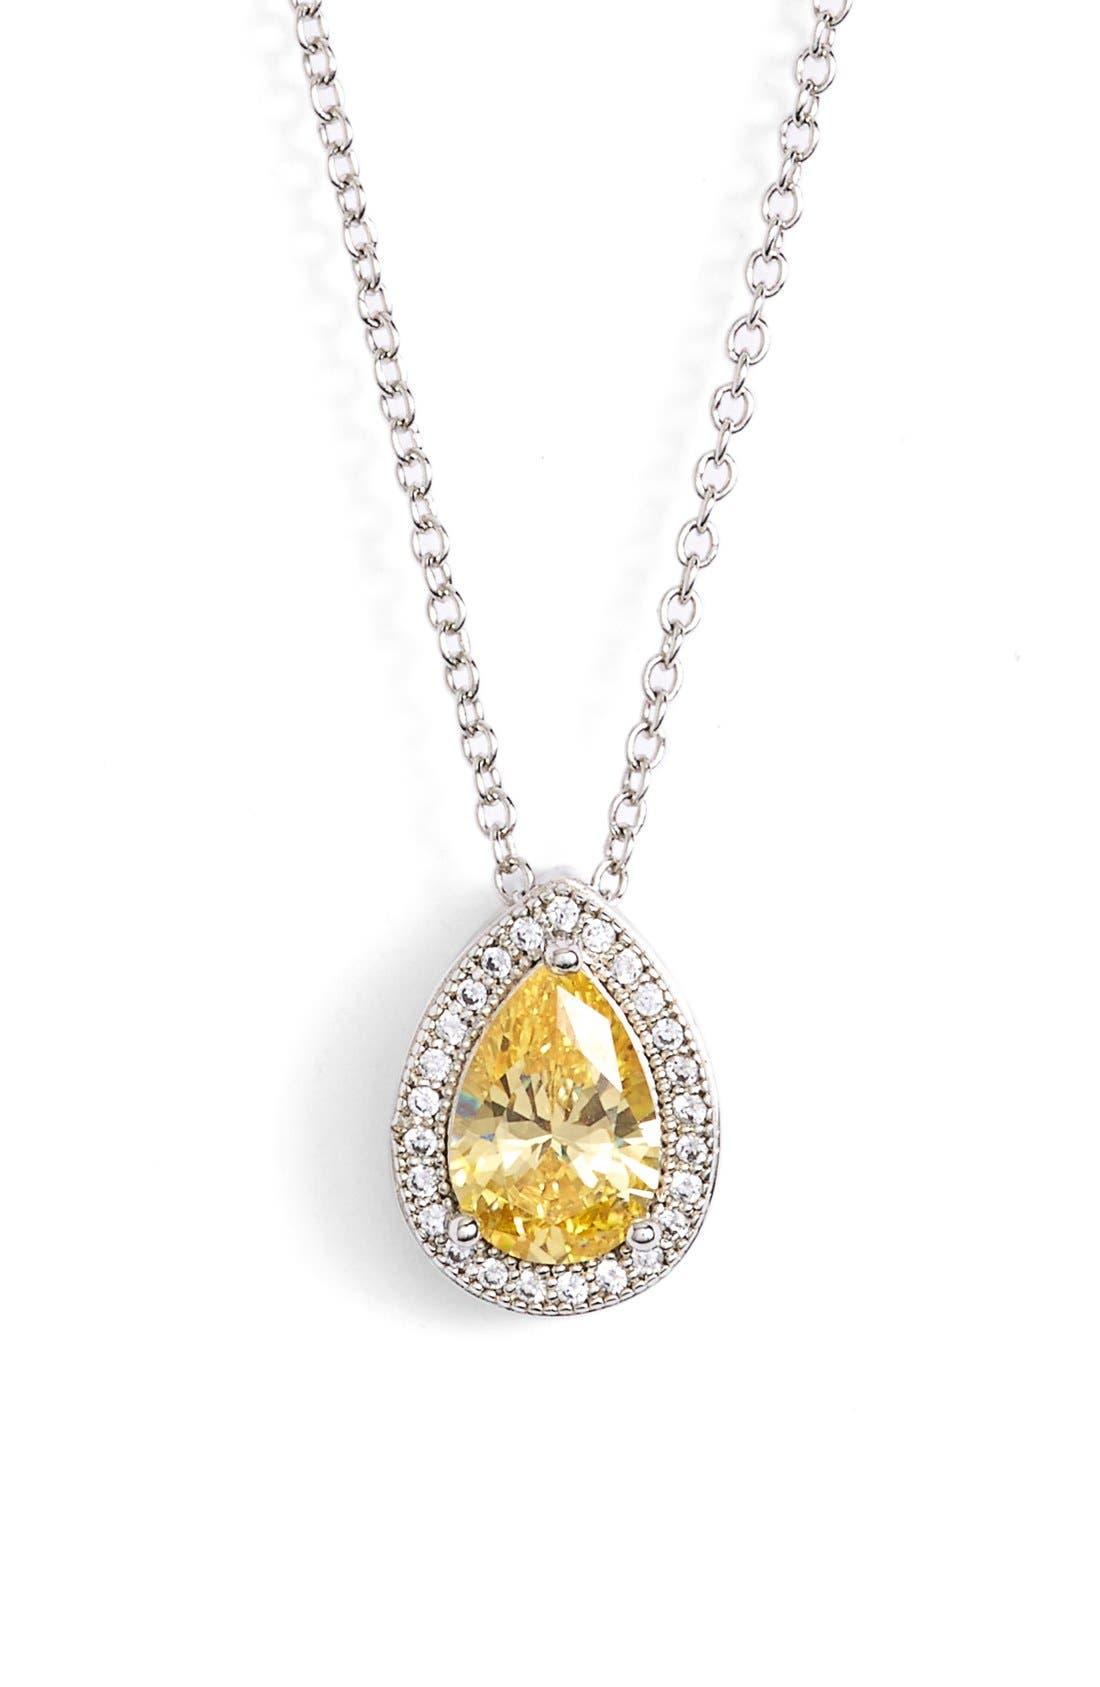 LAFONN 'Lassaire' CanaryStone Pendant Necklace